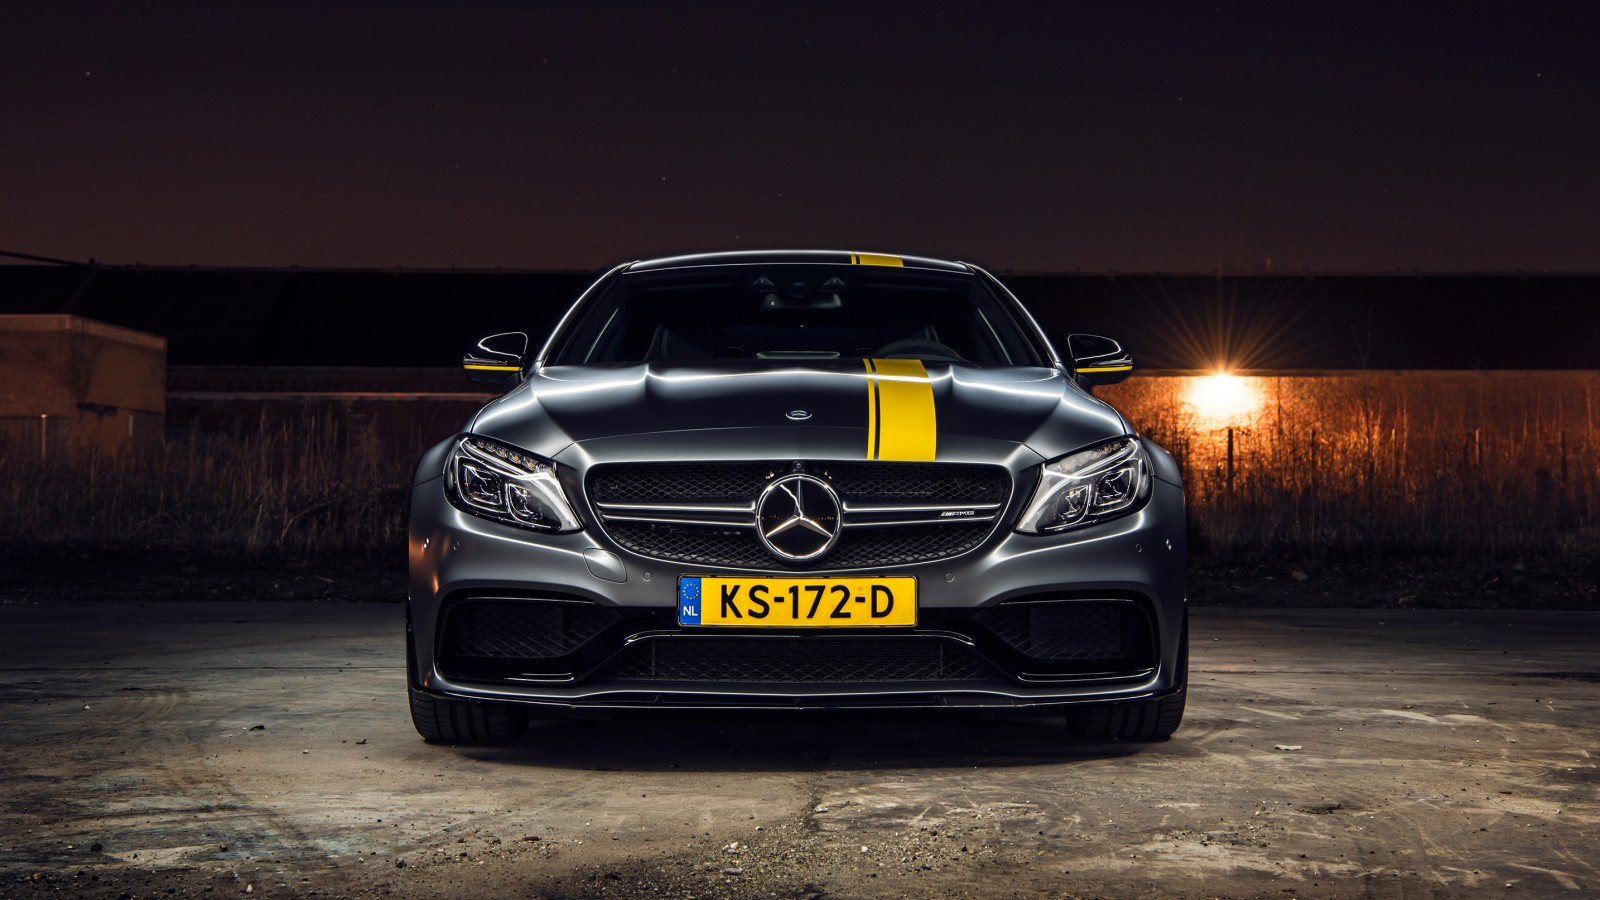 Viele verteufeln sie, trotzdem verkaufen sie sich wie geschnitten brot. Mercedes AMG C63 S Coupe Edition HD Wallpaper   HD Car